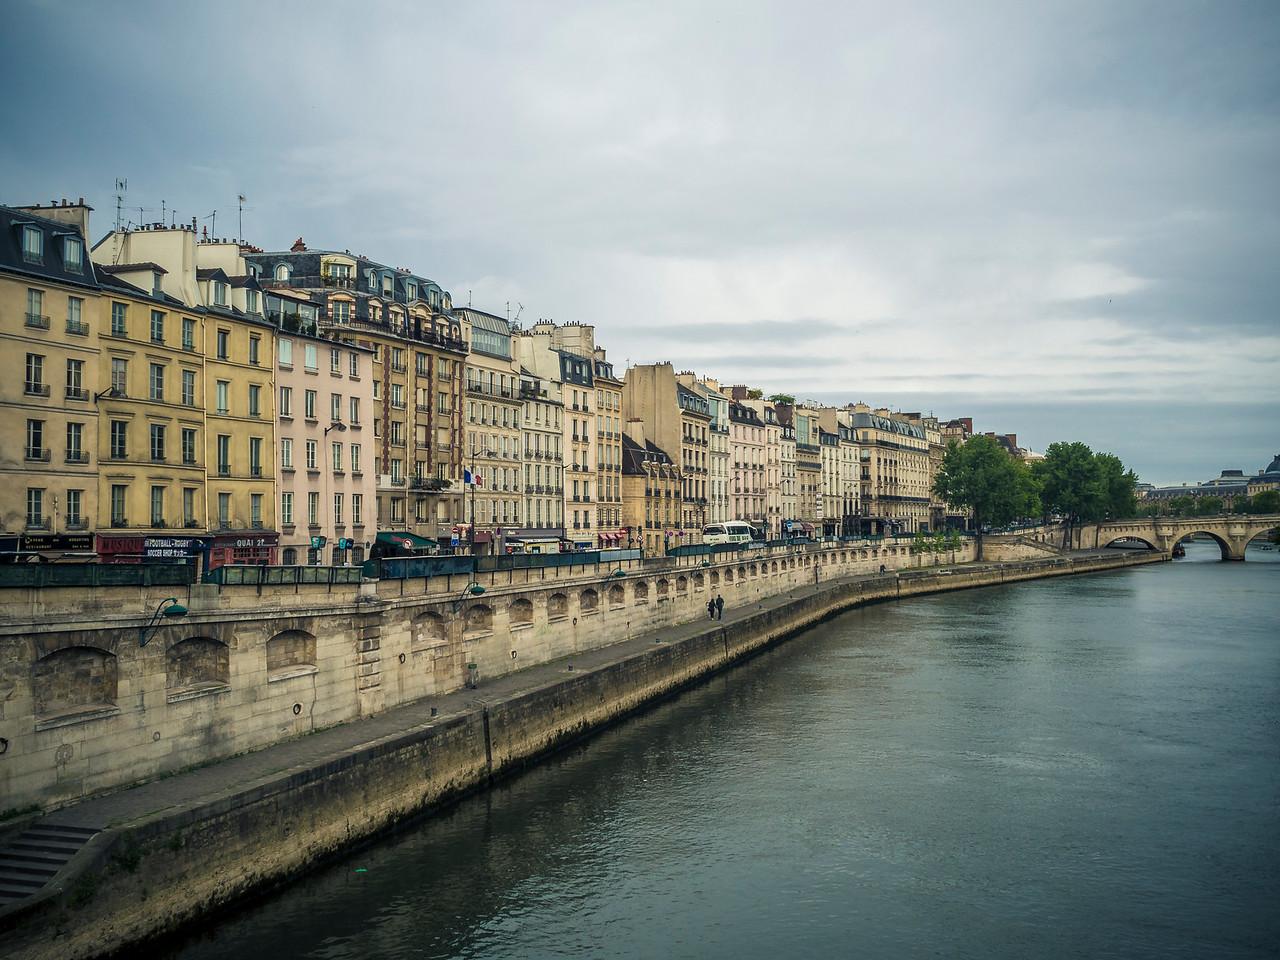 Buildings along the Seine towards Pont Neuf Paris